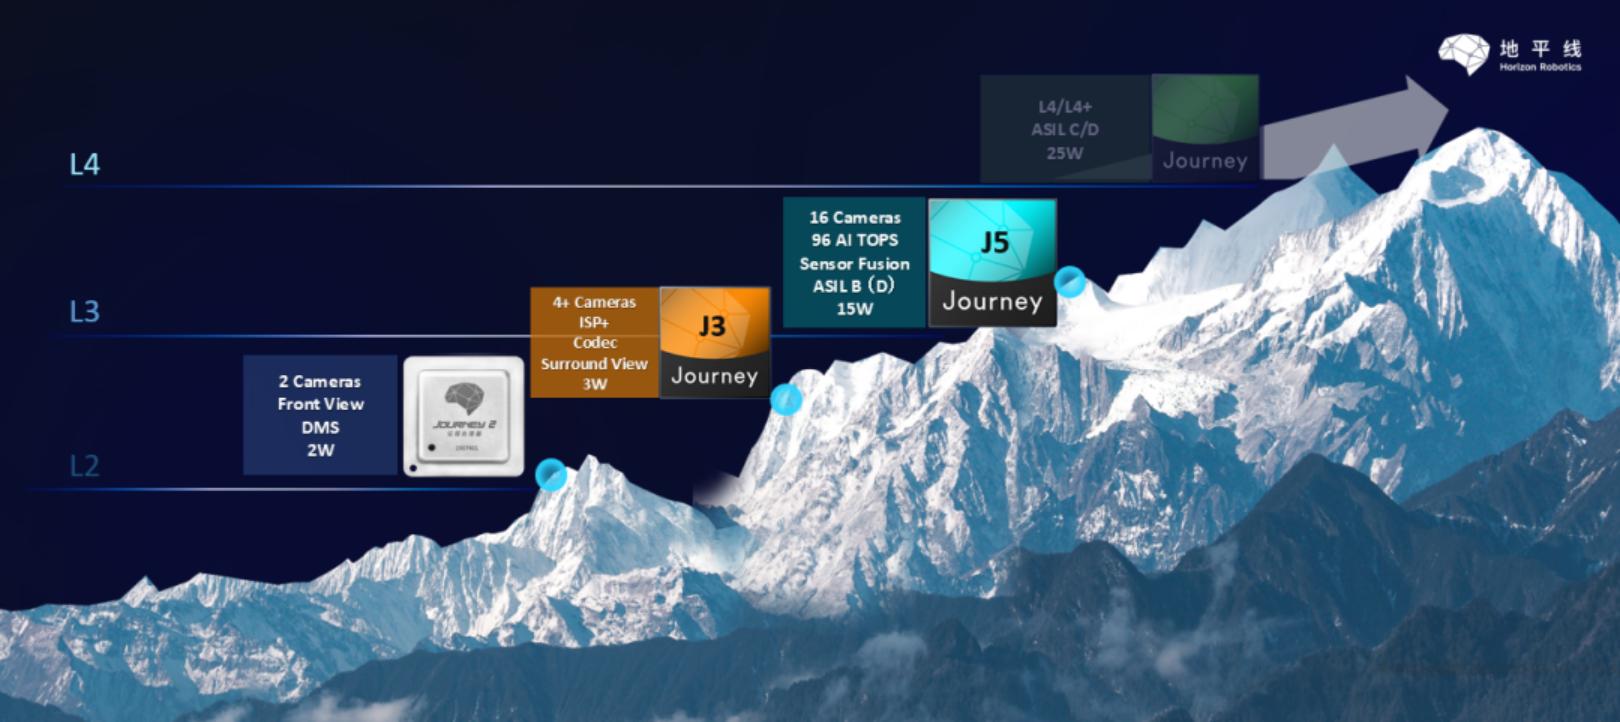 地平线征程系列芯片 roadmap